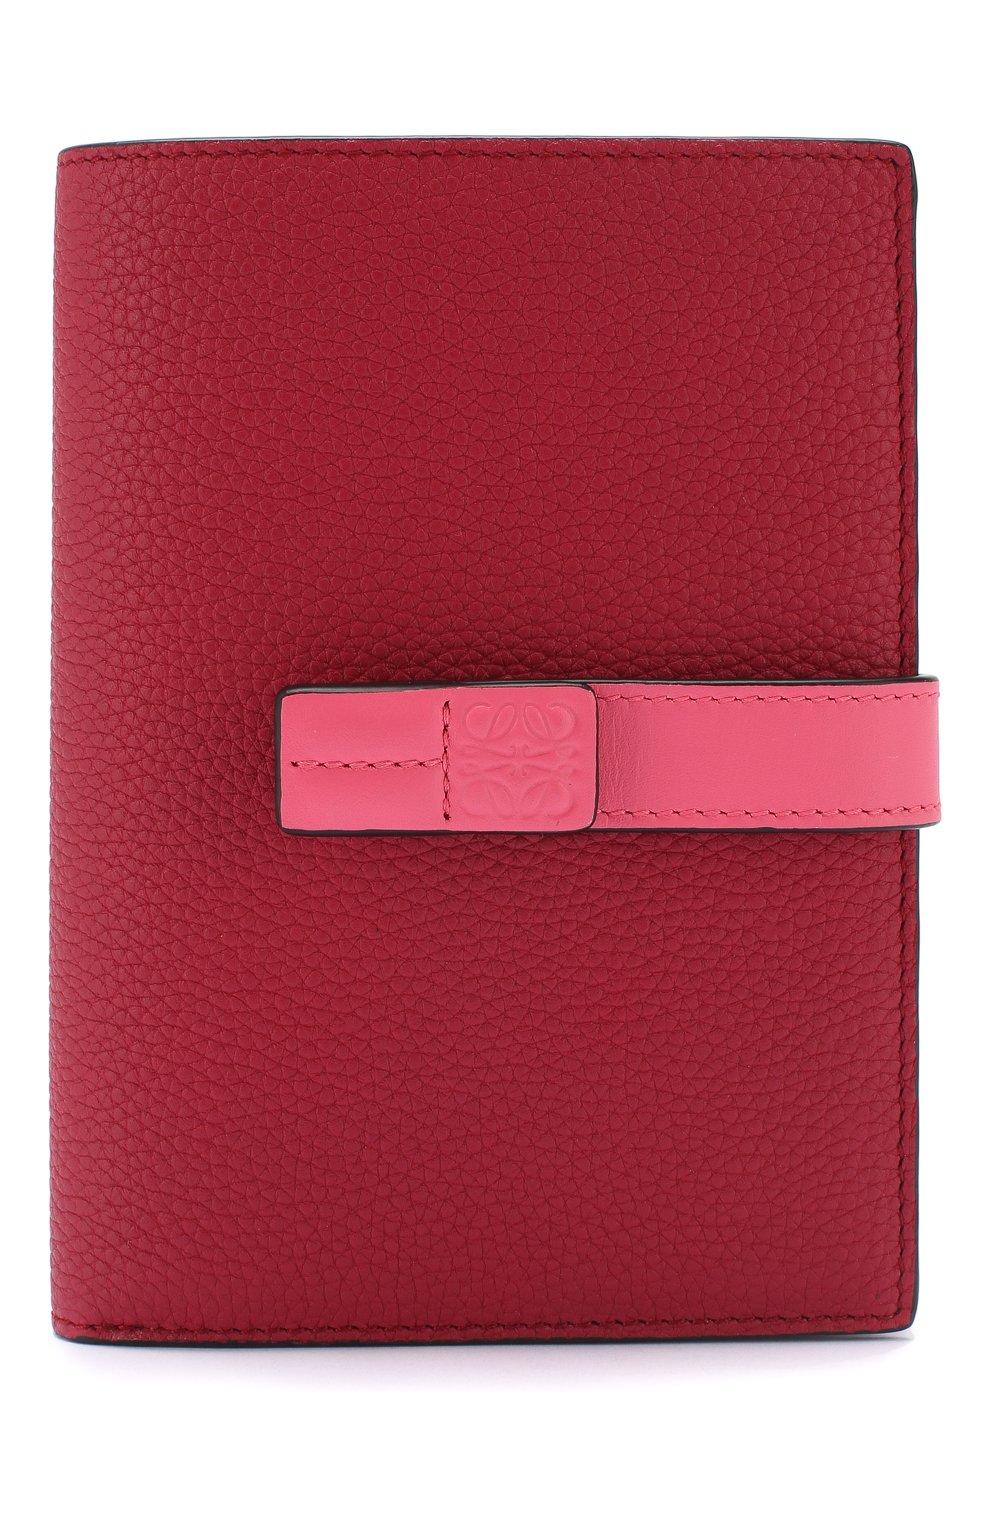 Кожаный кошелек с отделениями для кредитных карт Loewe малинового цвета | Фото №1